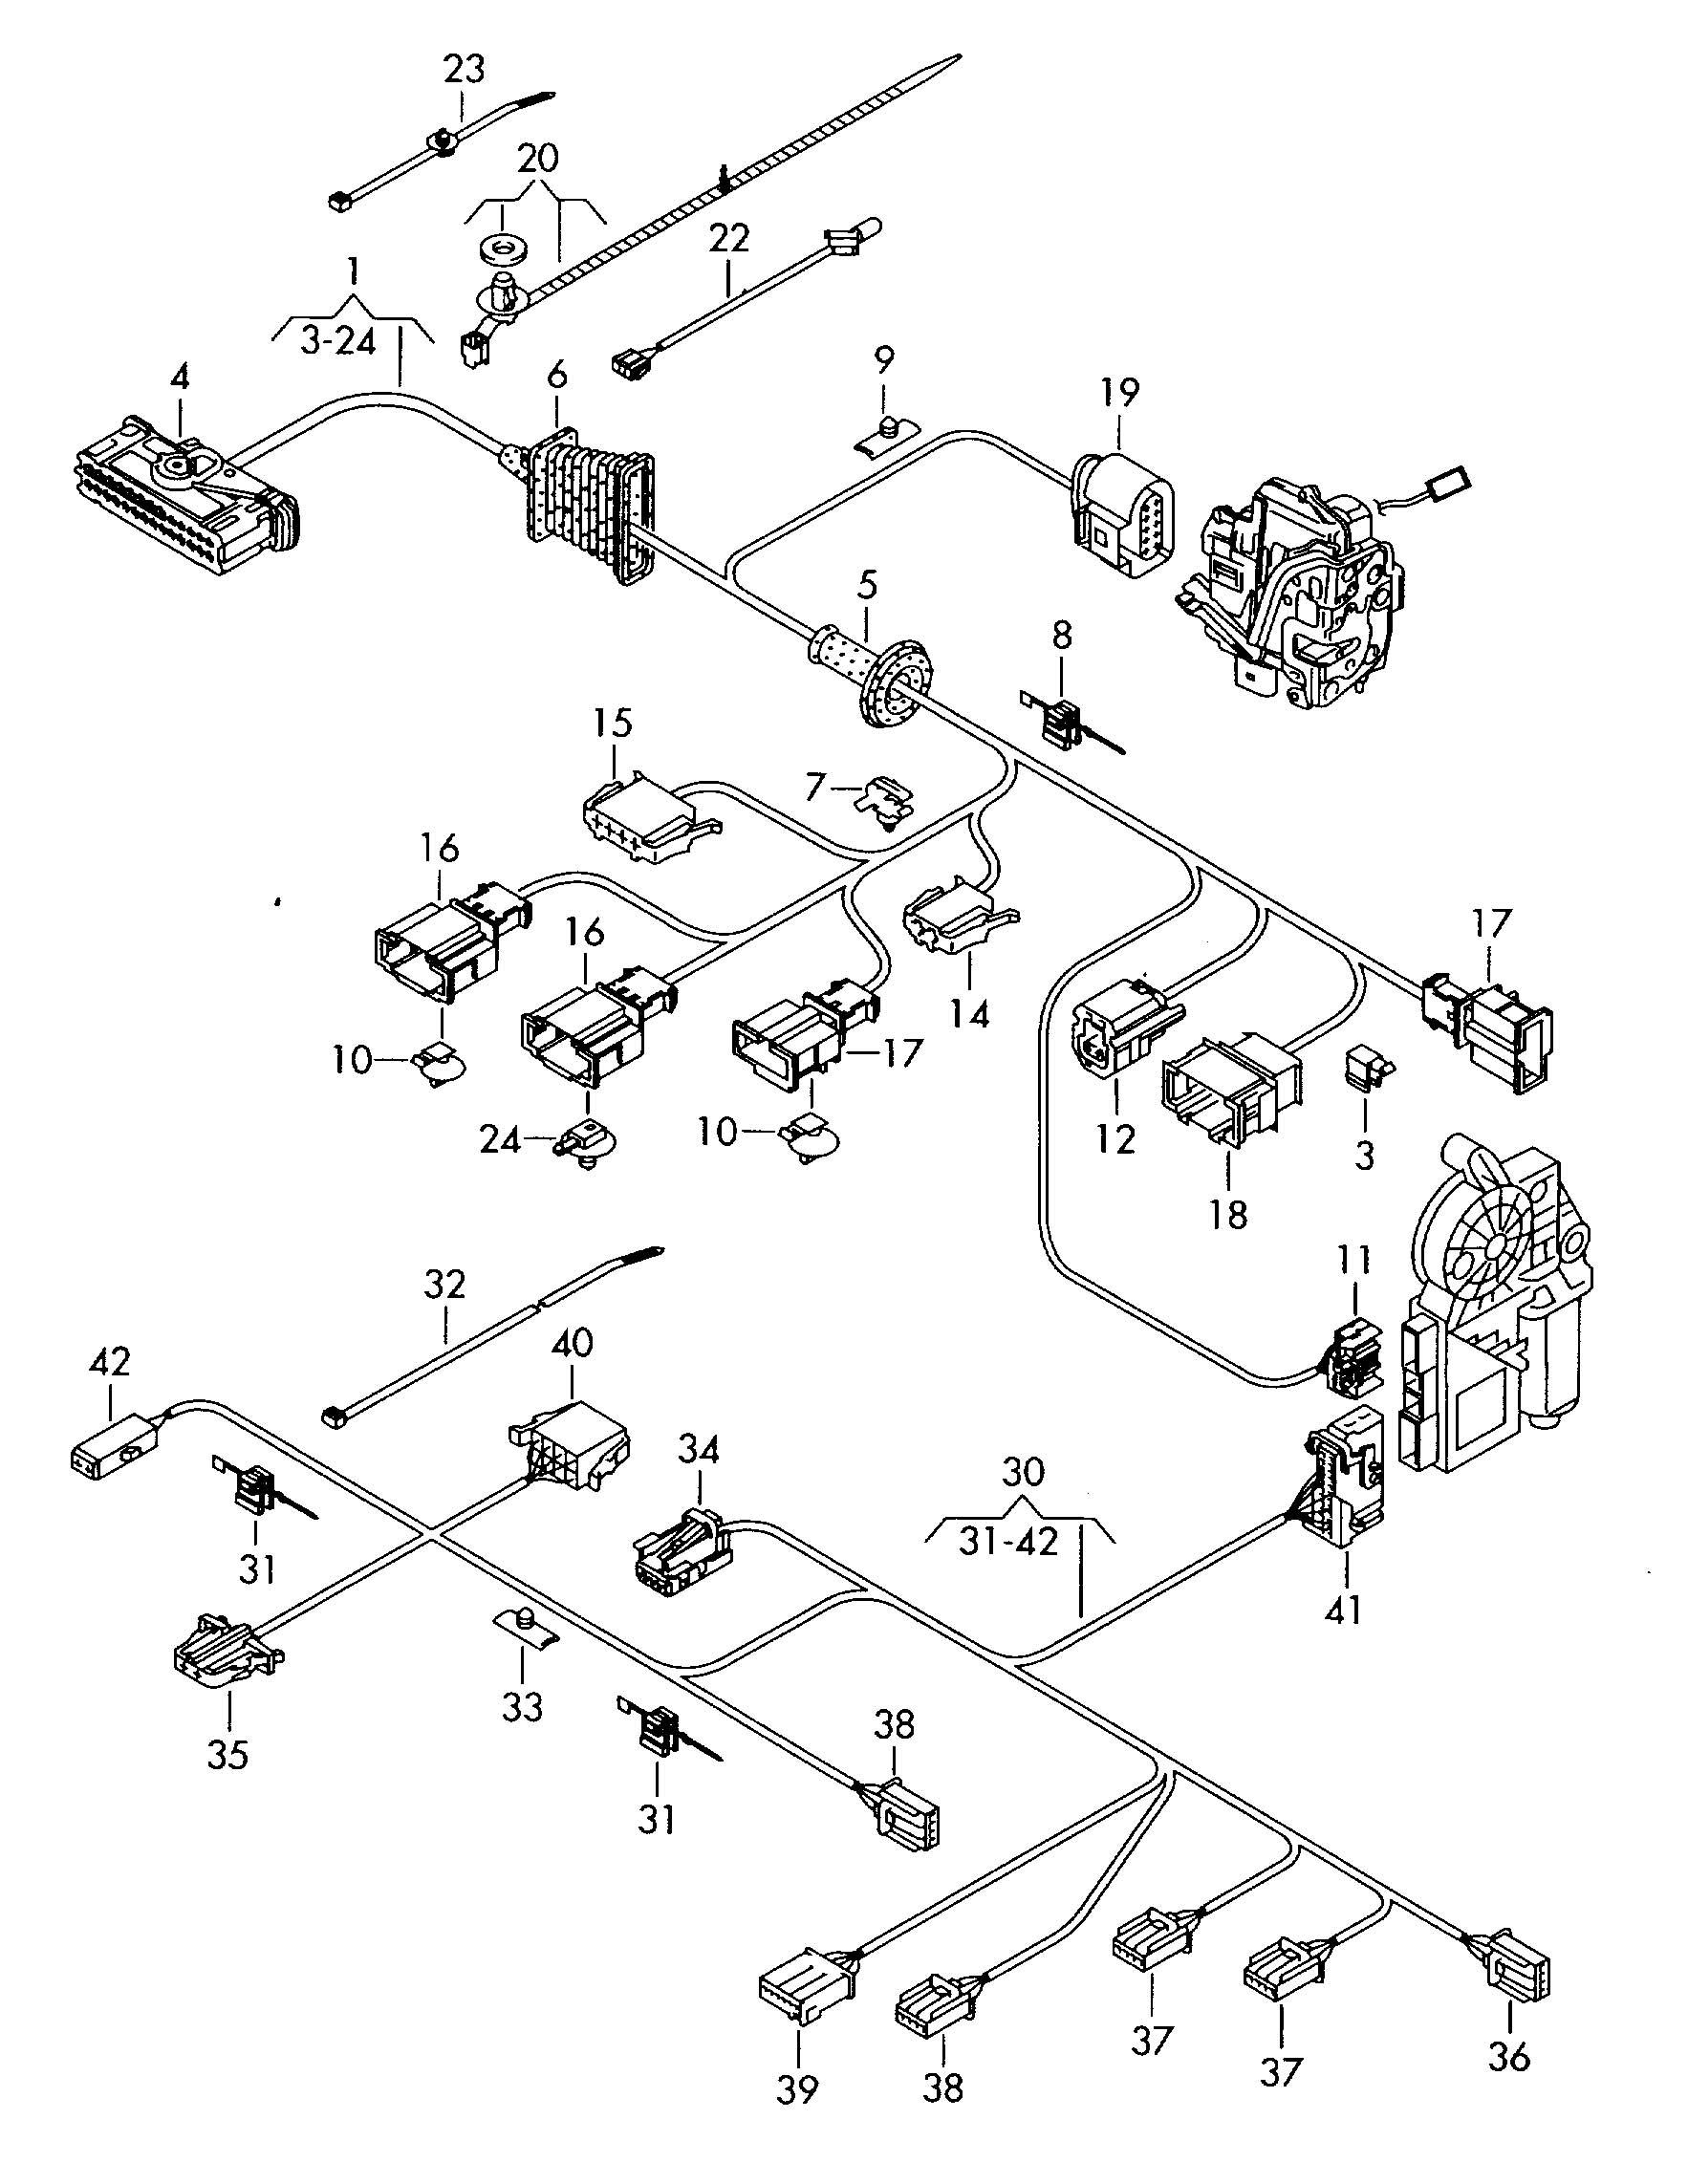 2004 Audi All Road Parts Diagram. Audi. Auto Wiring Diagram